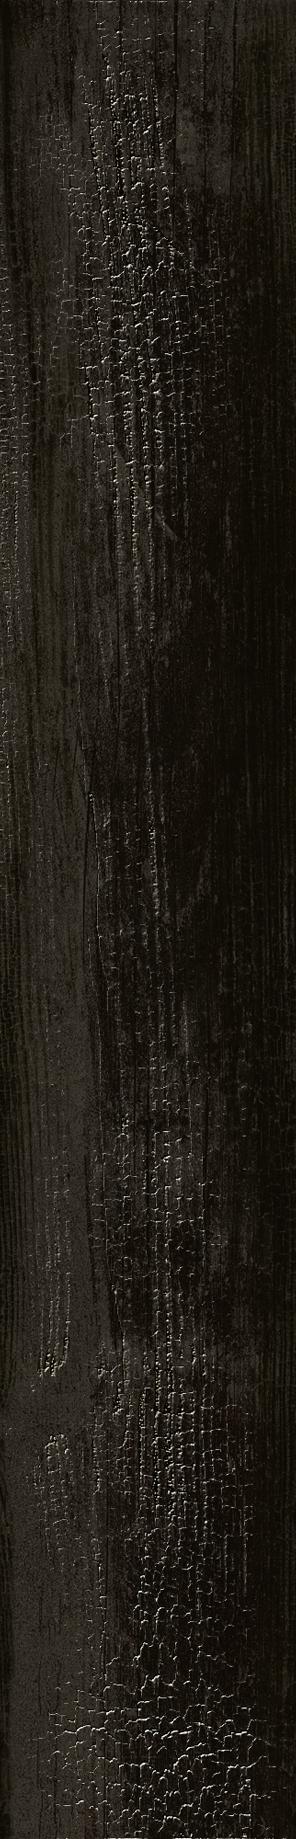 OKINAWA_CARBON_19,2x119,3_L16